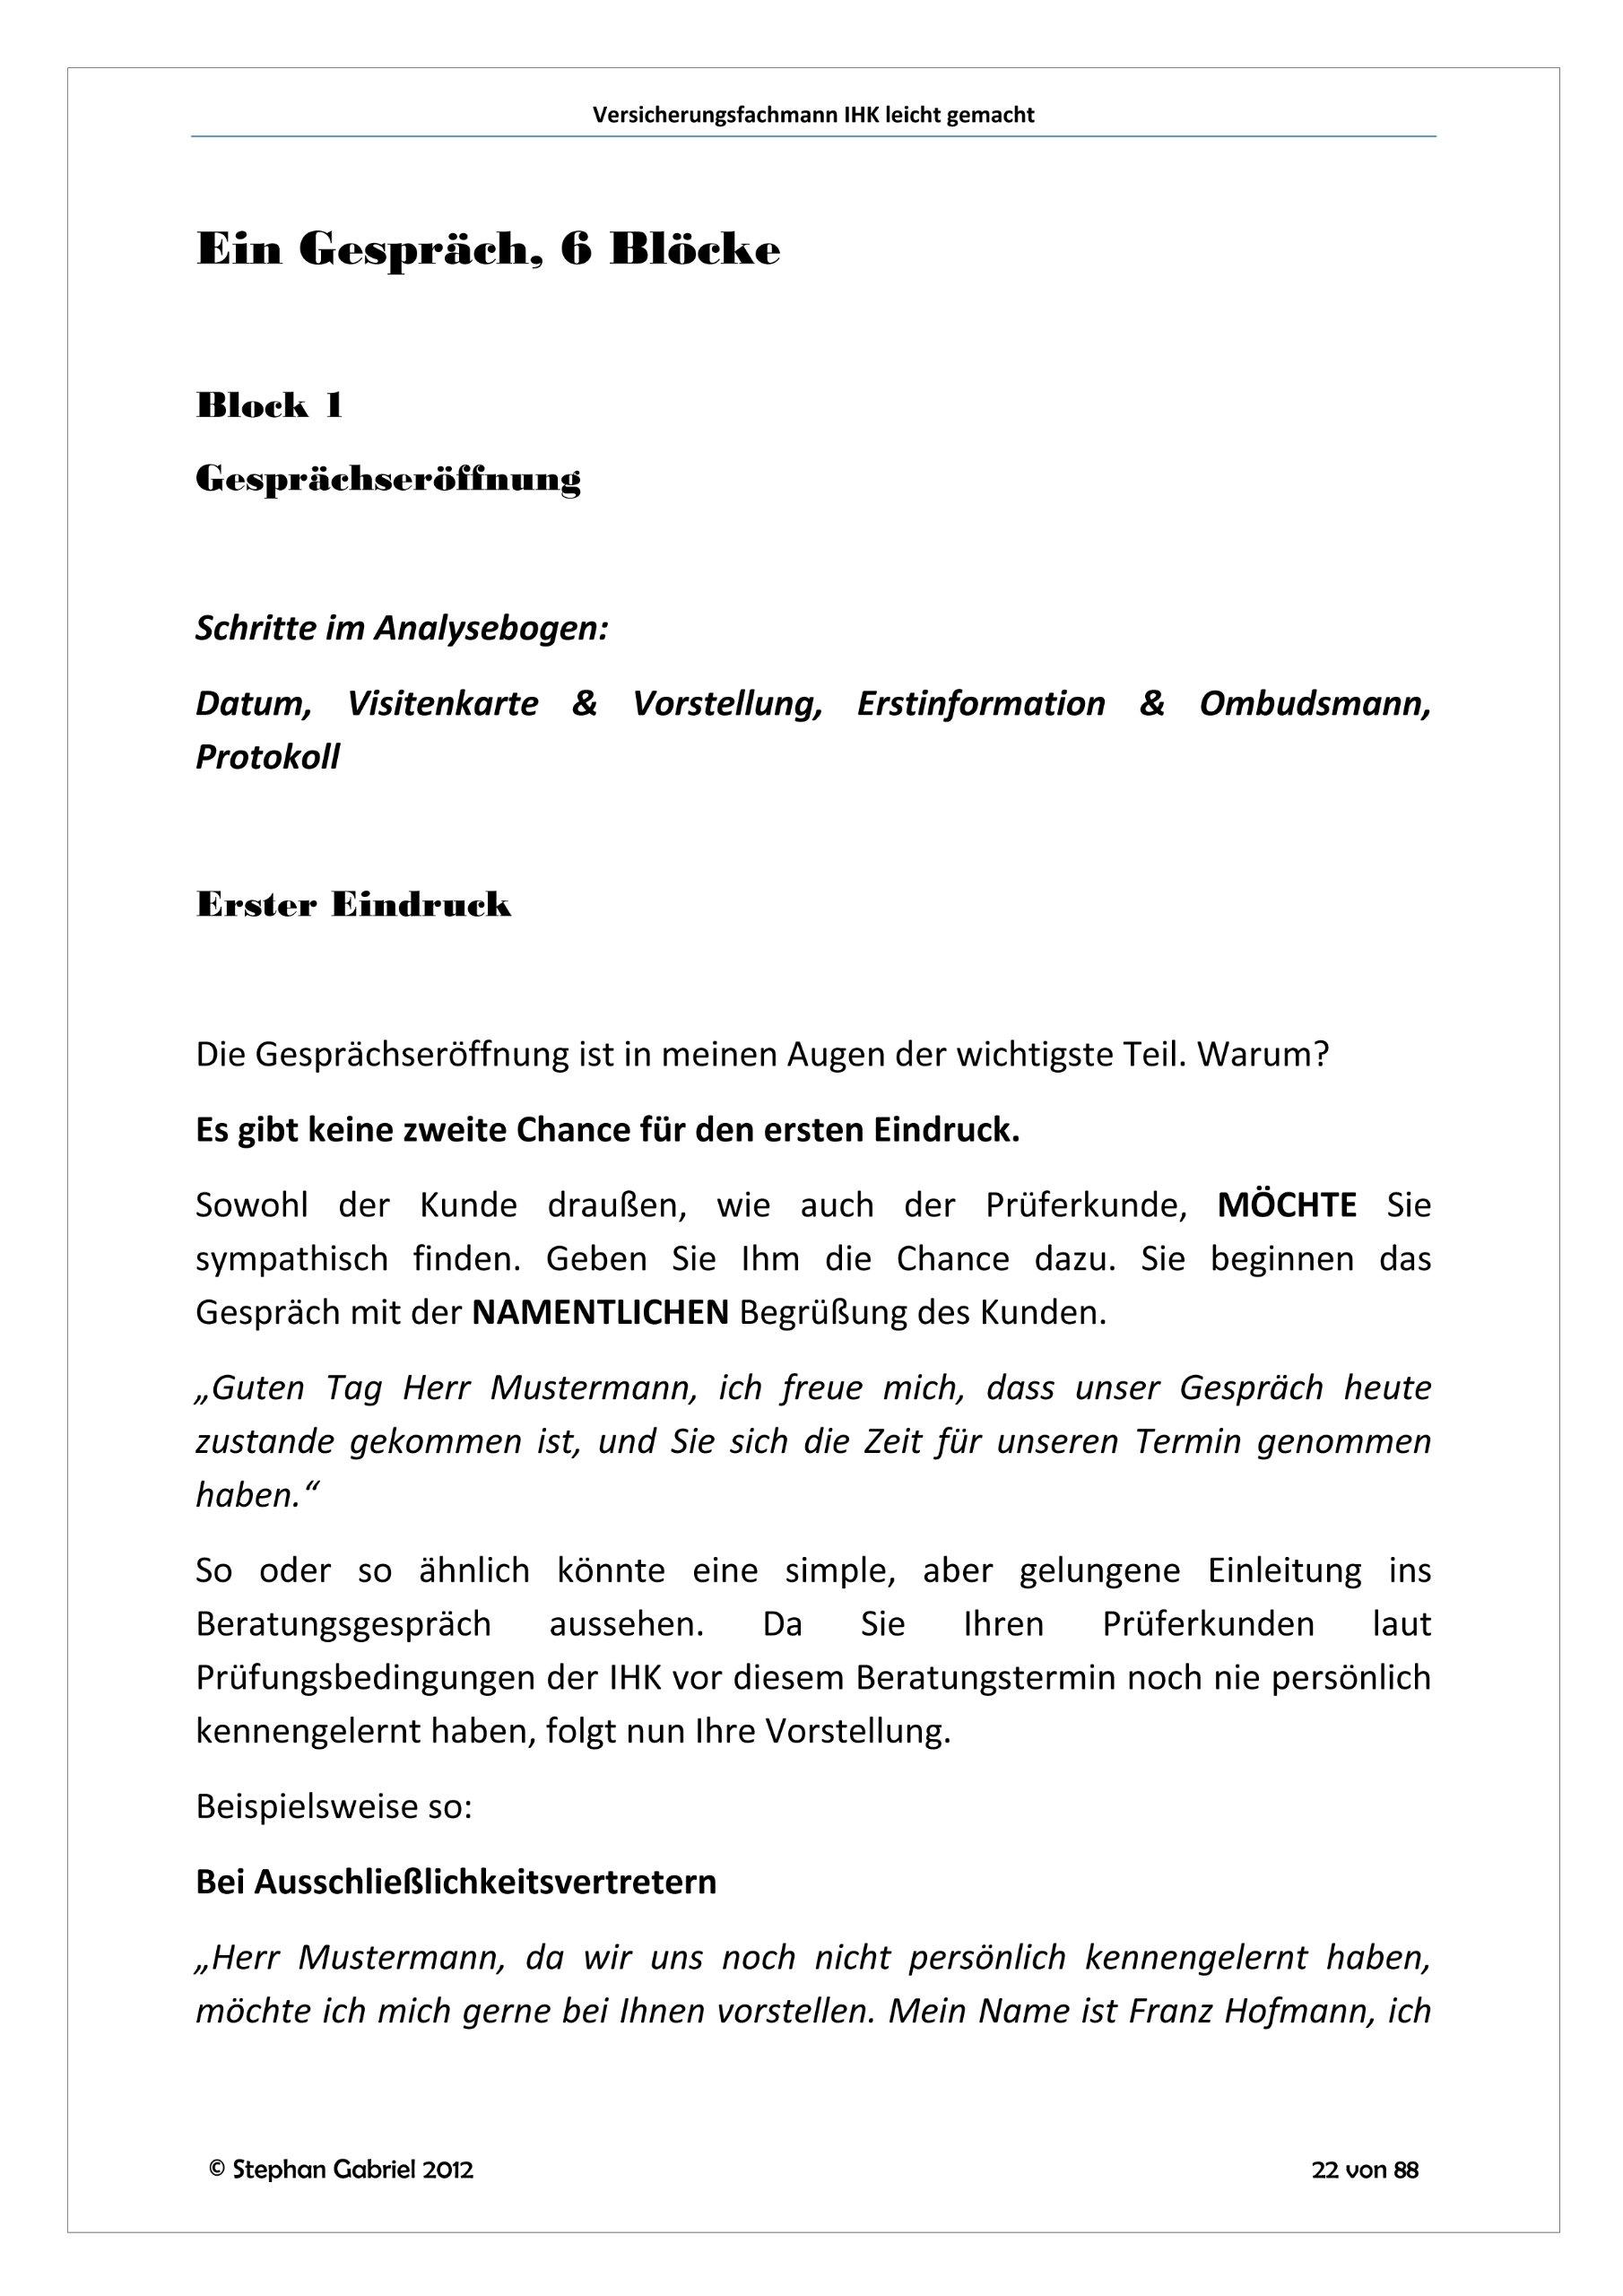 Versicherungsfachmann IHK leicht gemacht 2012